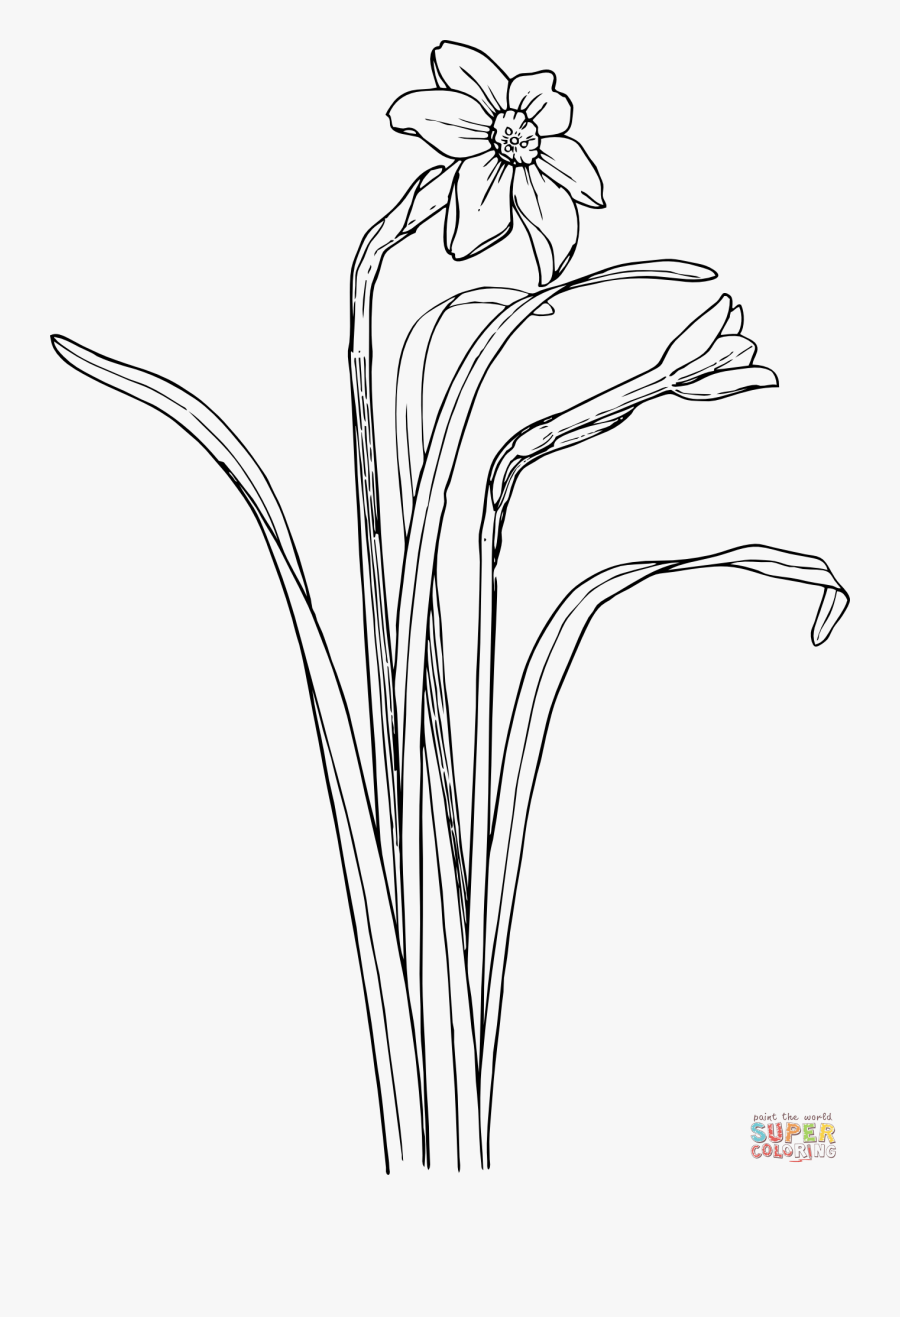 Plant Draw Flower Bush, Transparent Clipart